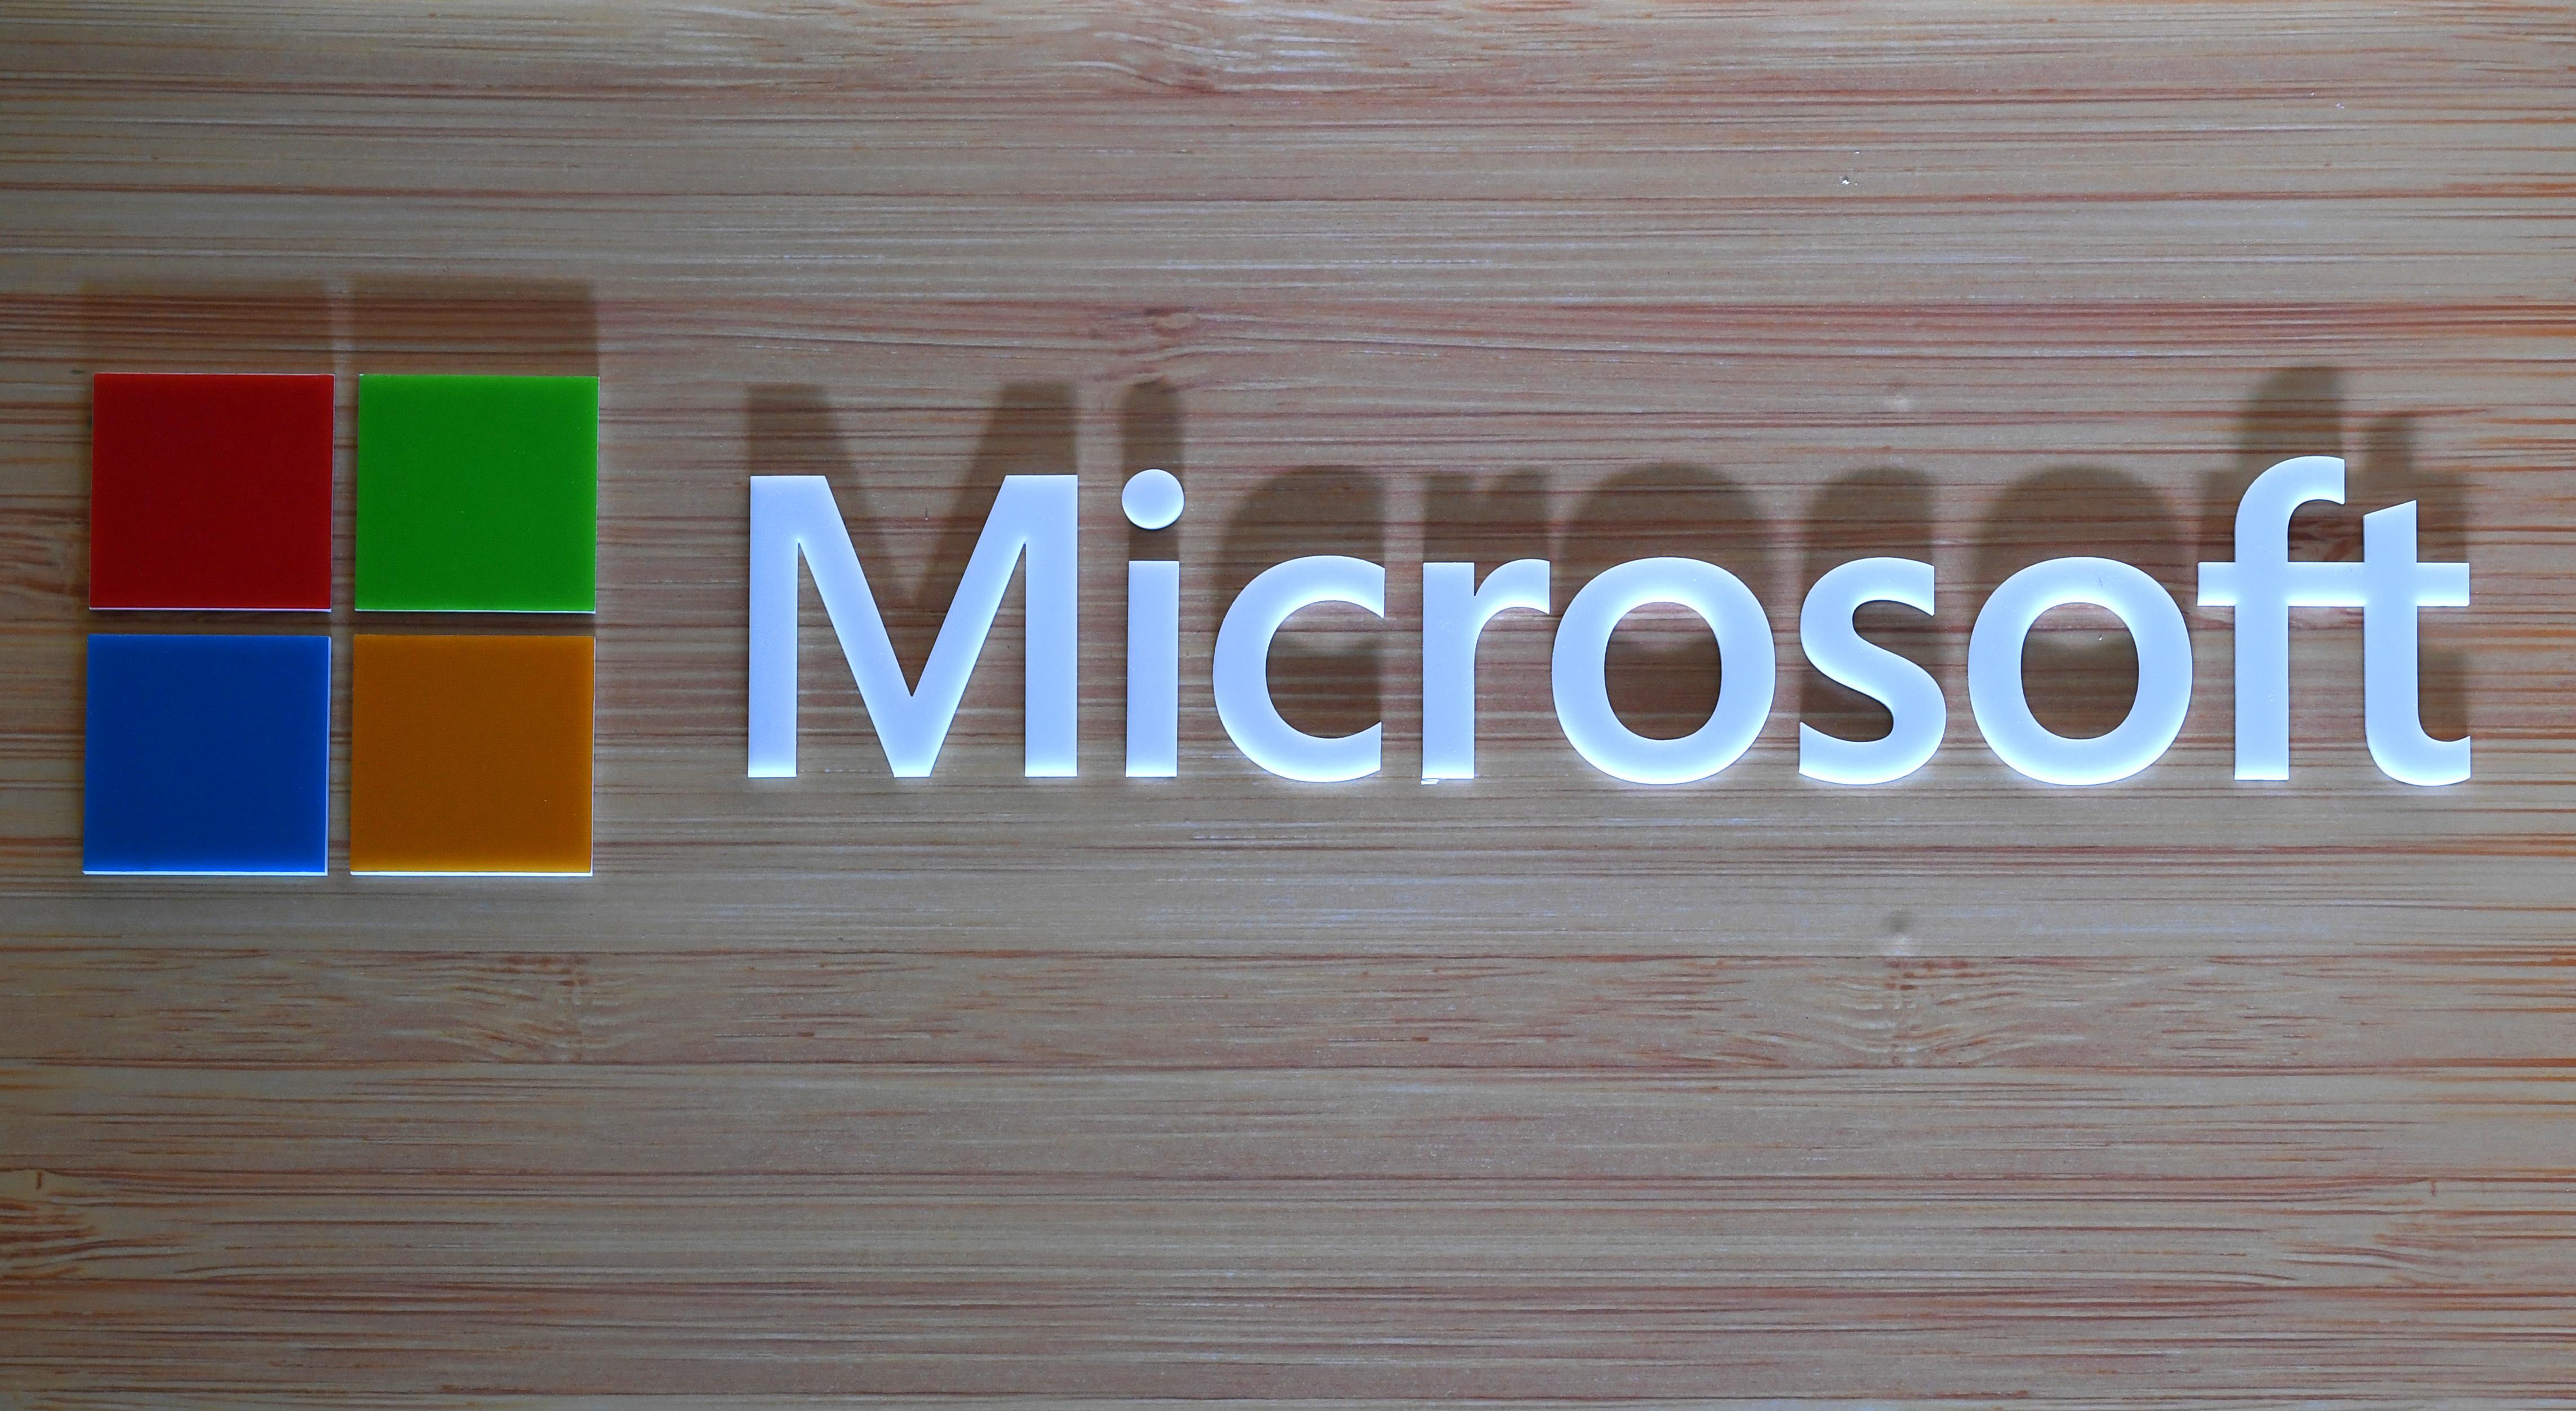 A Microsoft azt állítja, hogy orosz hackerek támadását akadályozta meg amerikai politikai intézmények ellen